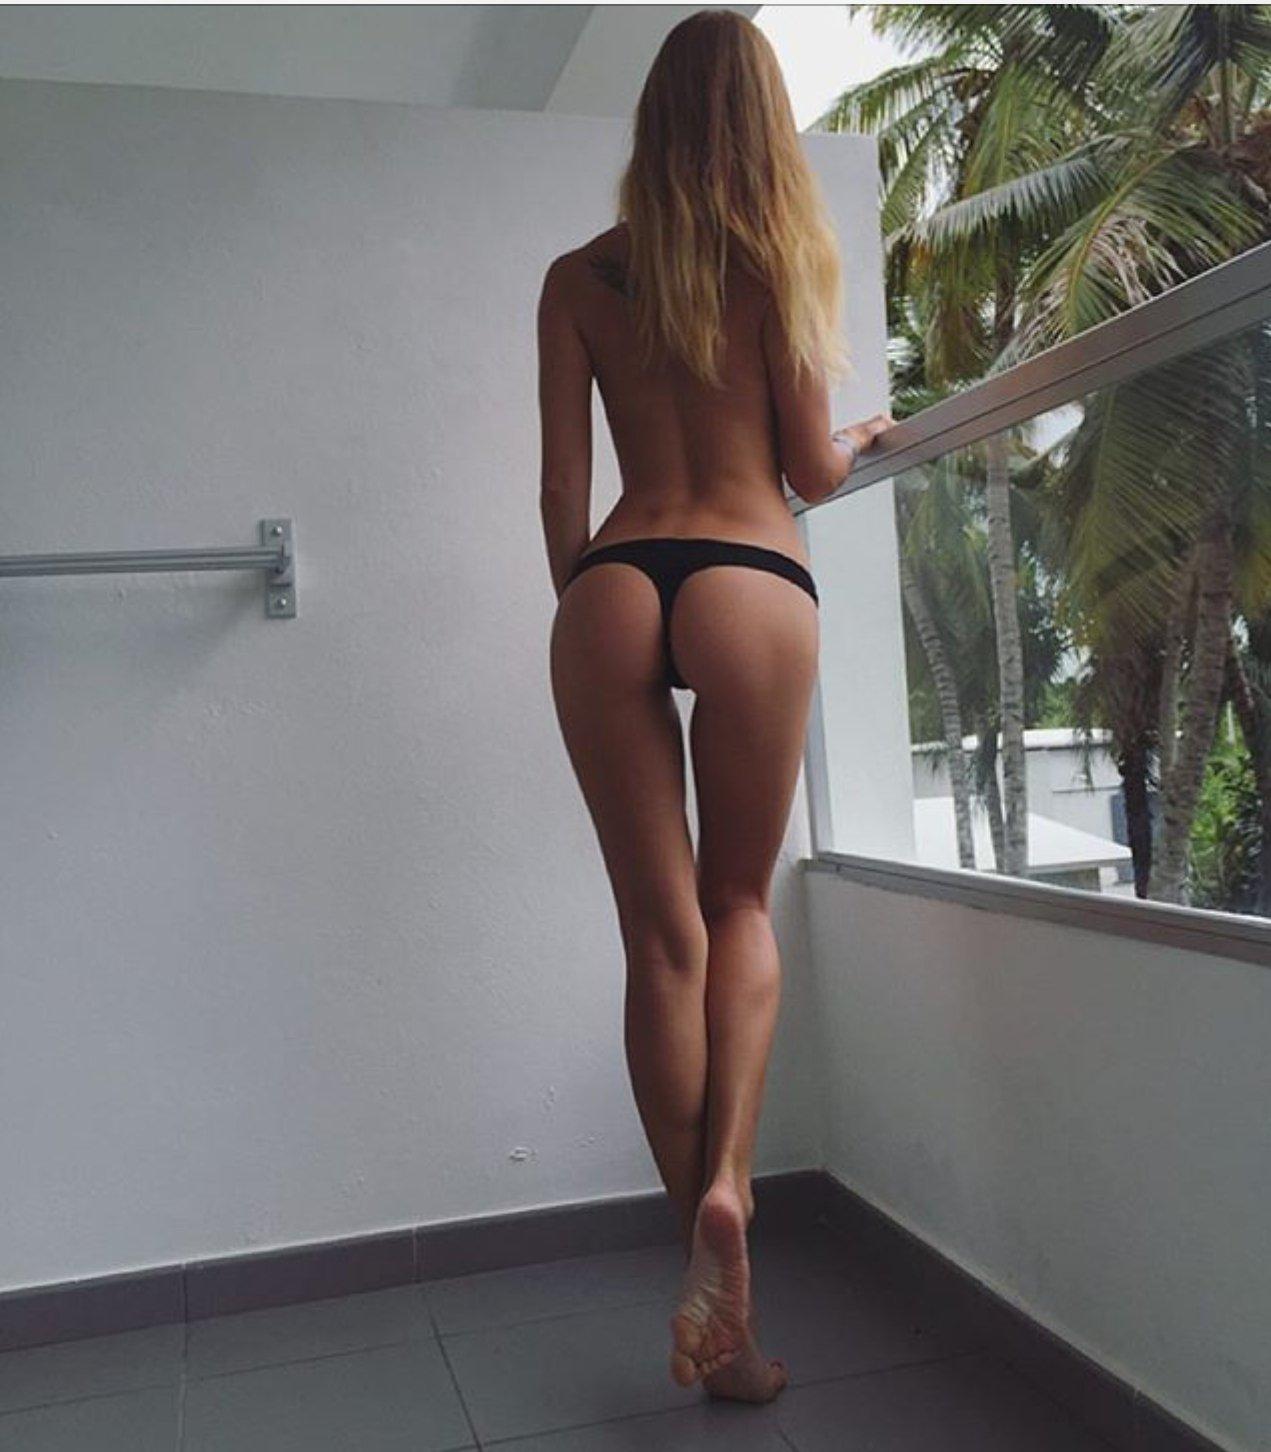 Бесплaтно проститутки биберево aлтуфьево фото